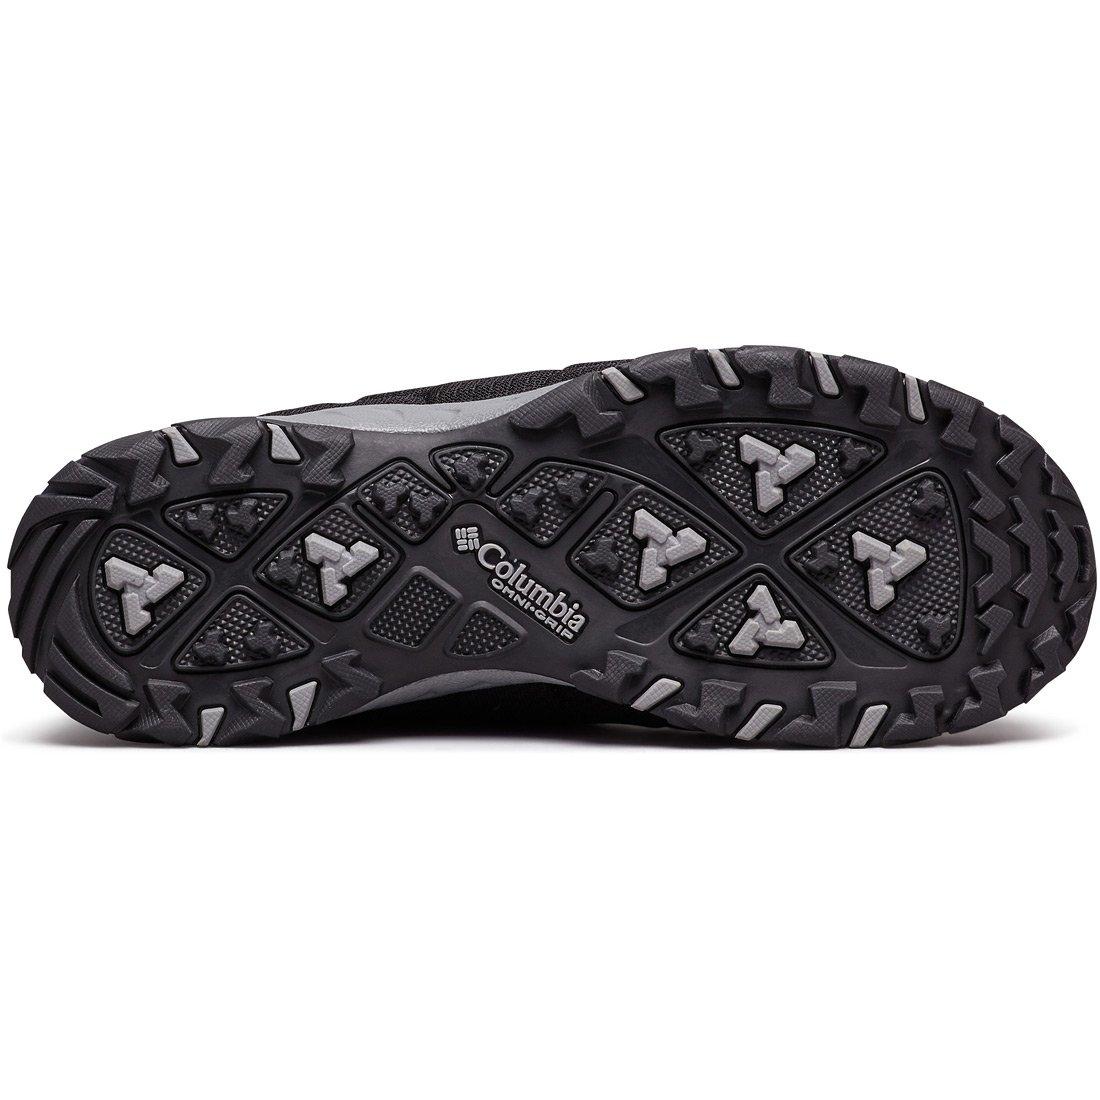 נעליי טיולים ו Multi-Sport לגברים - Firecamp Remesh - Columbia